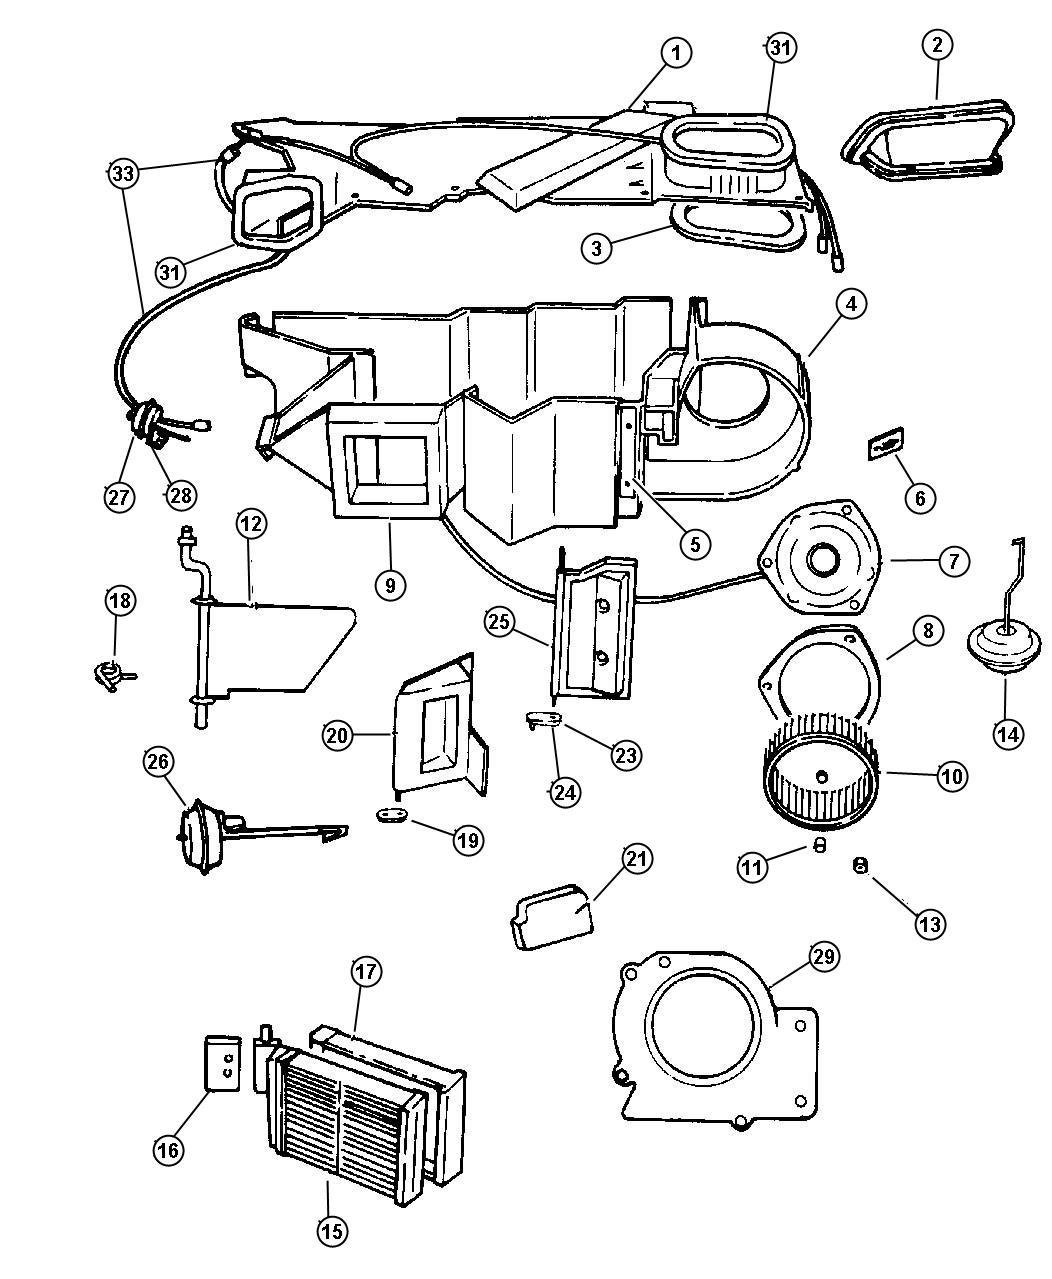 Chrysler Sebring Motor Blower With Wheel Blower